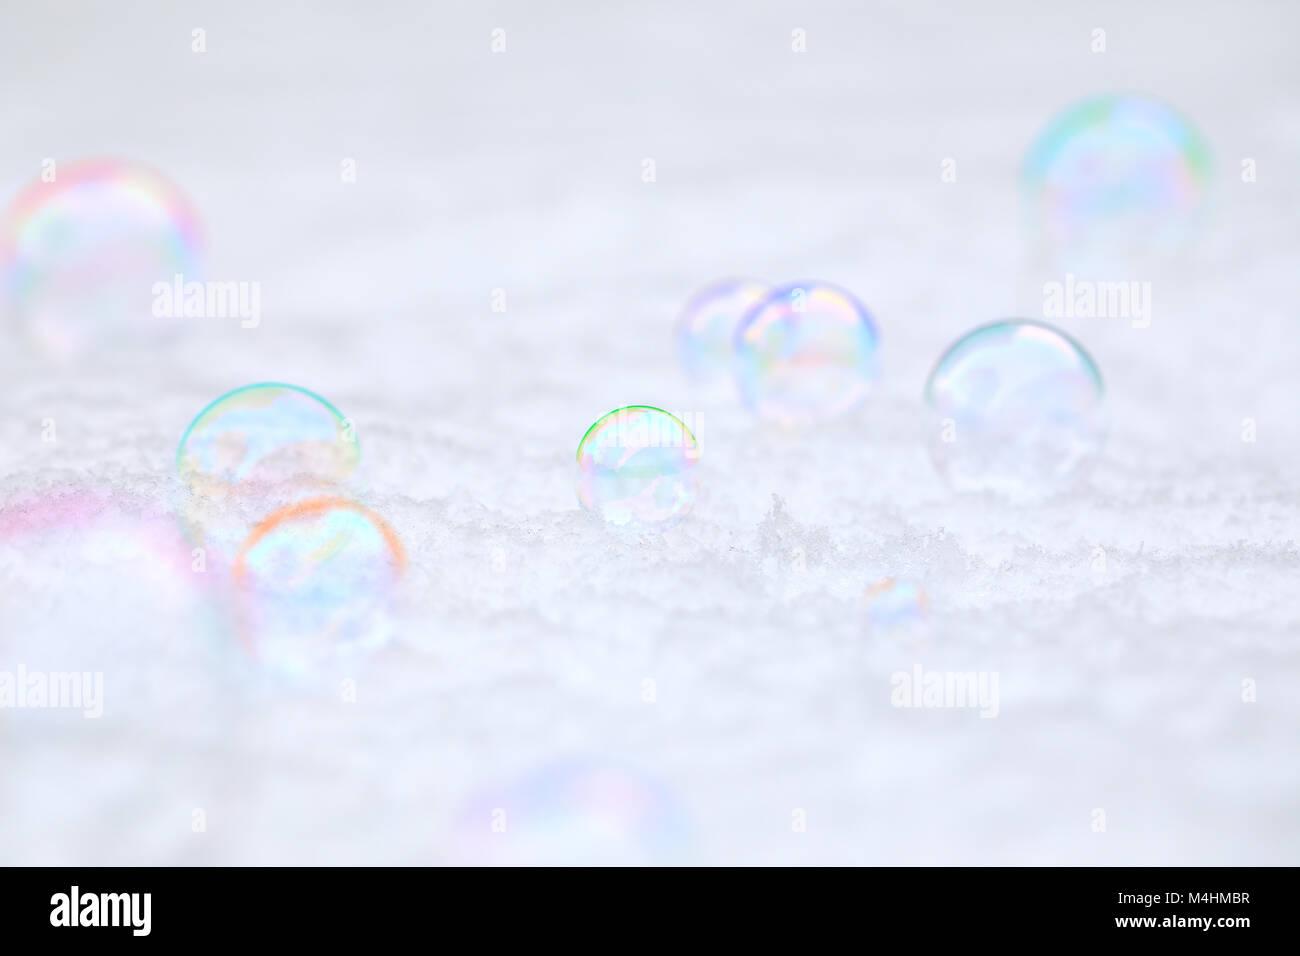 Blasen im Schnee mit einem Regenbogen an Farben und schillernden und transluzente Effekte Stockfoto